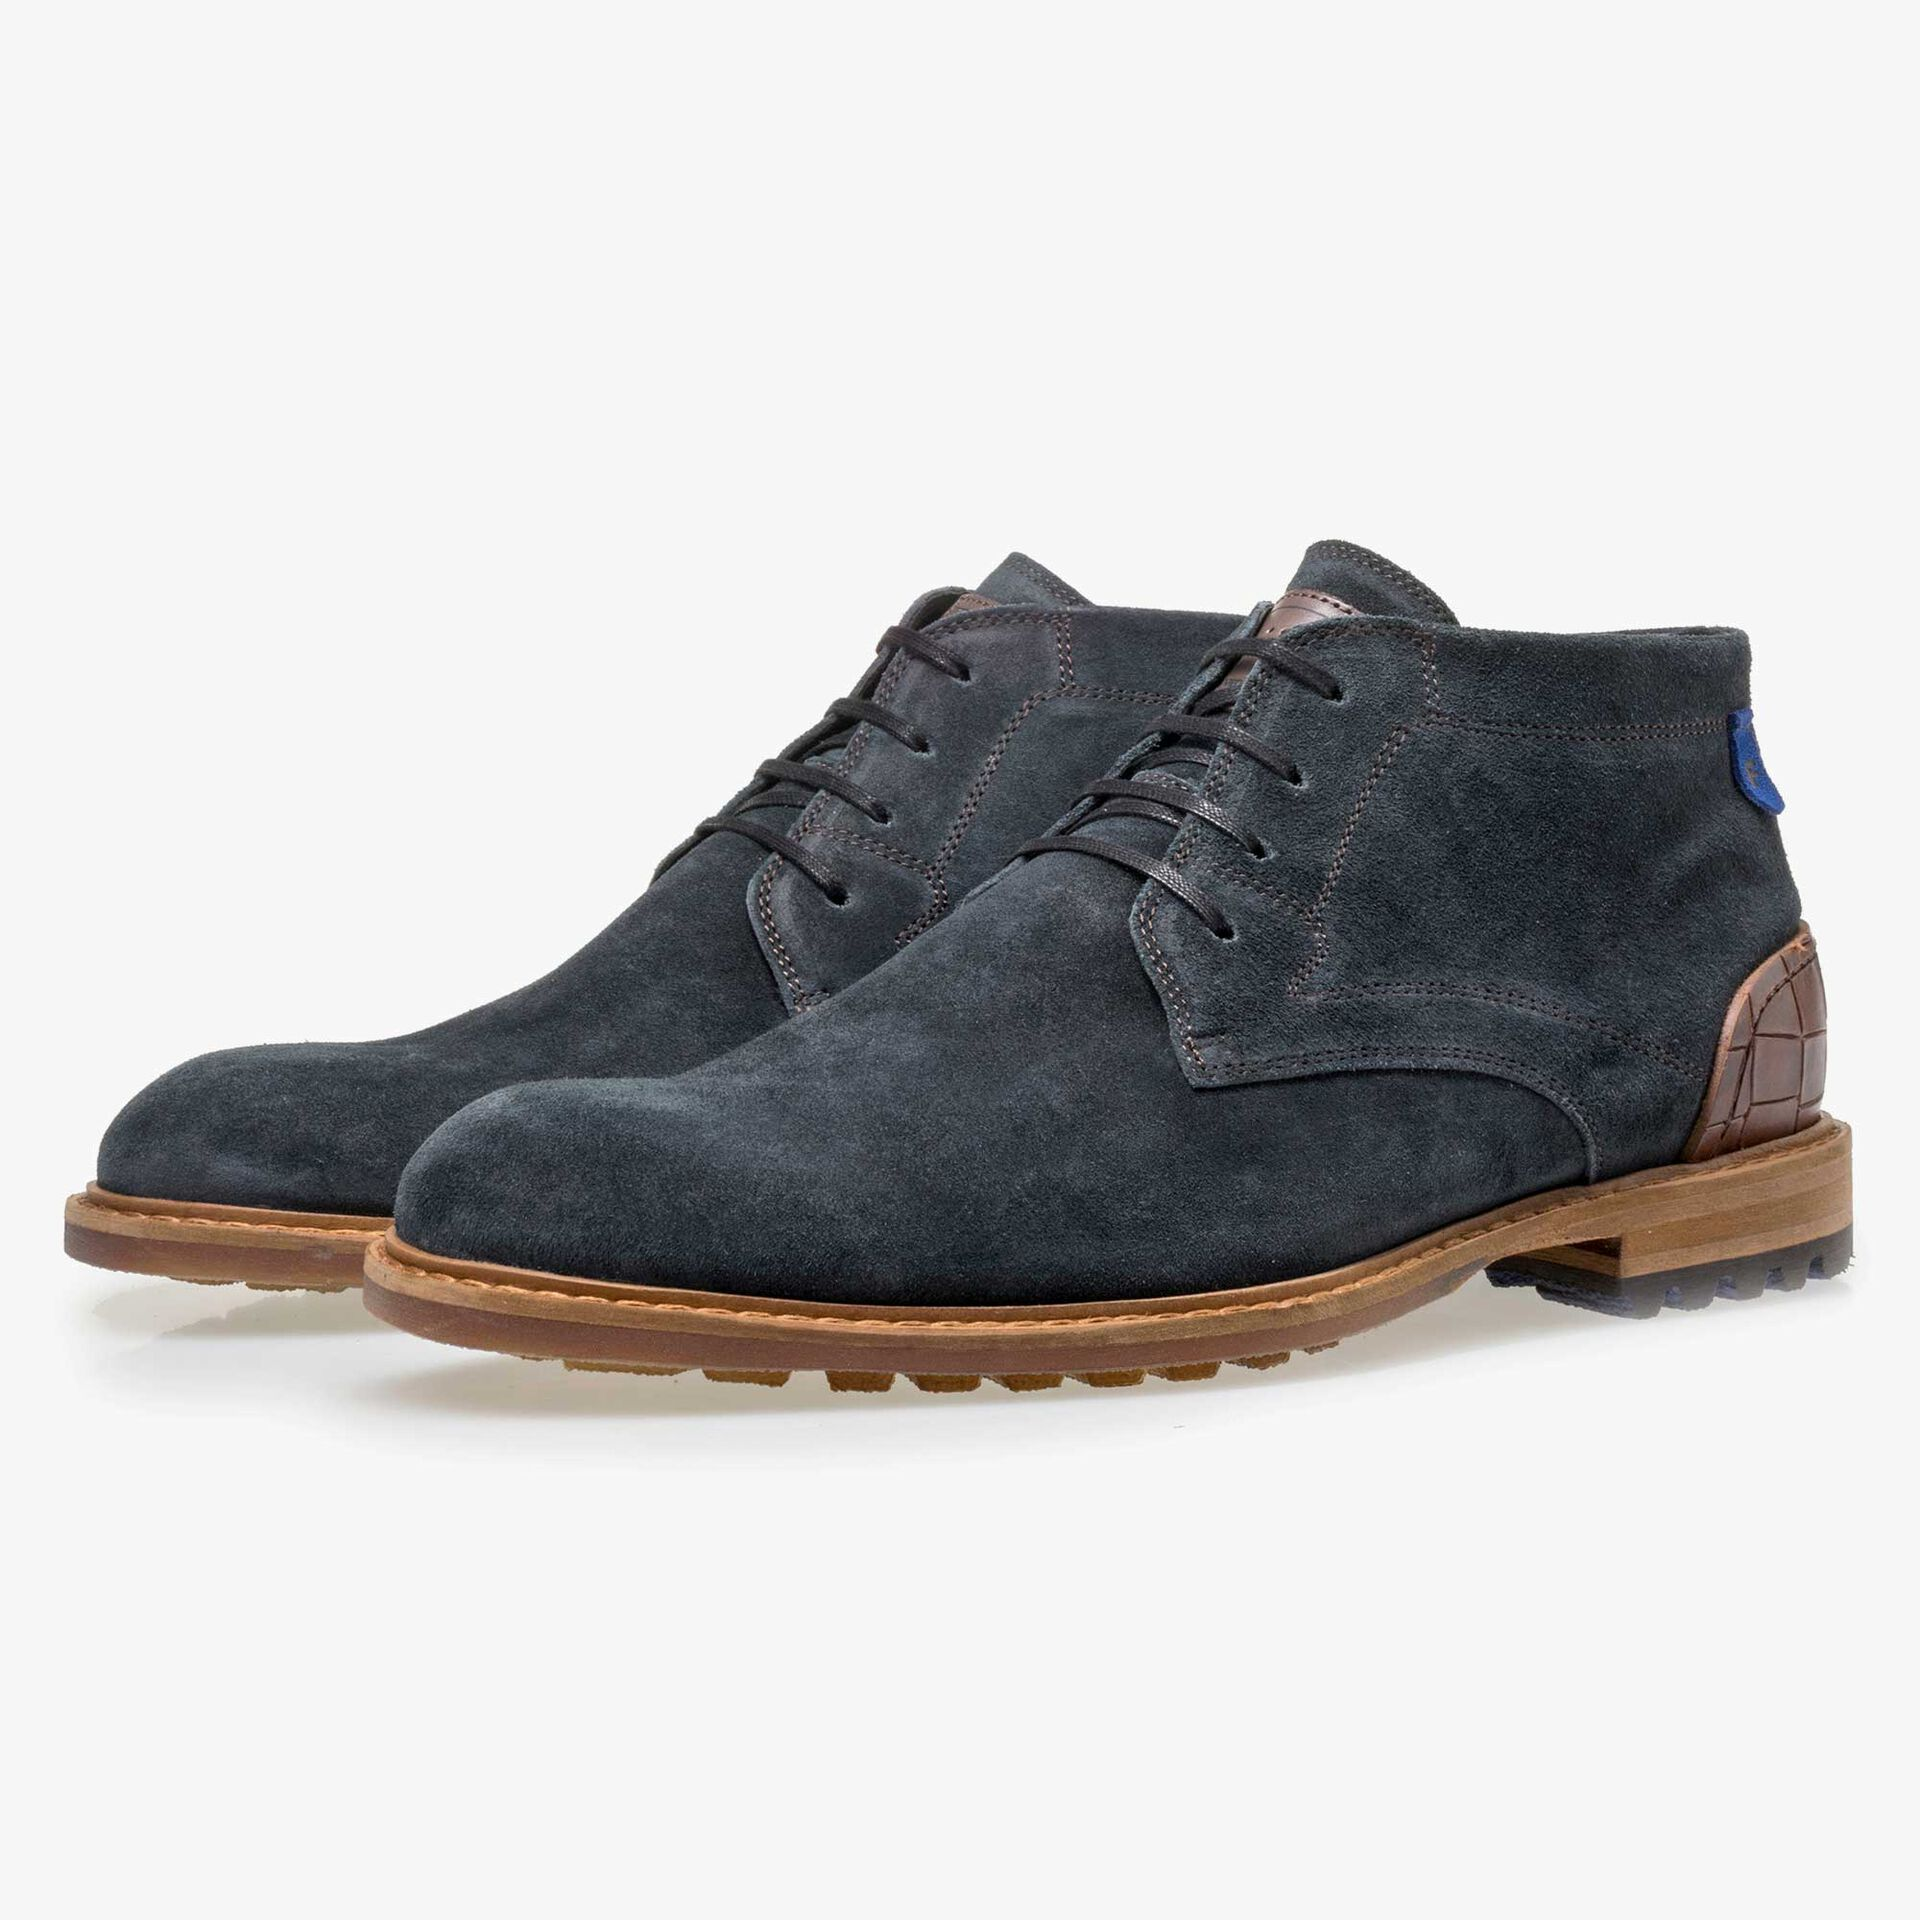 Floris van Bommel men's blue suede leather lace boot